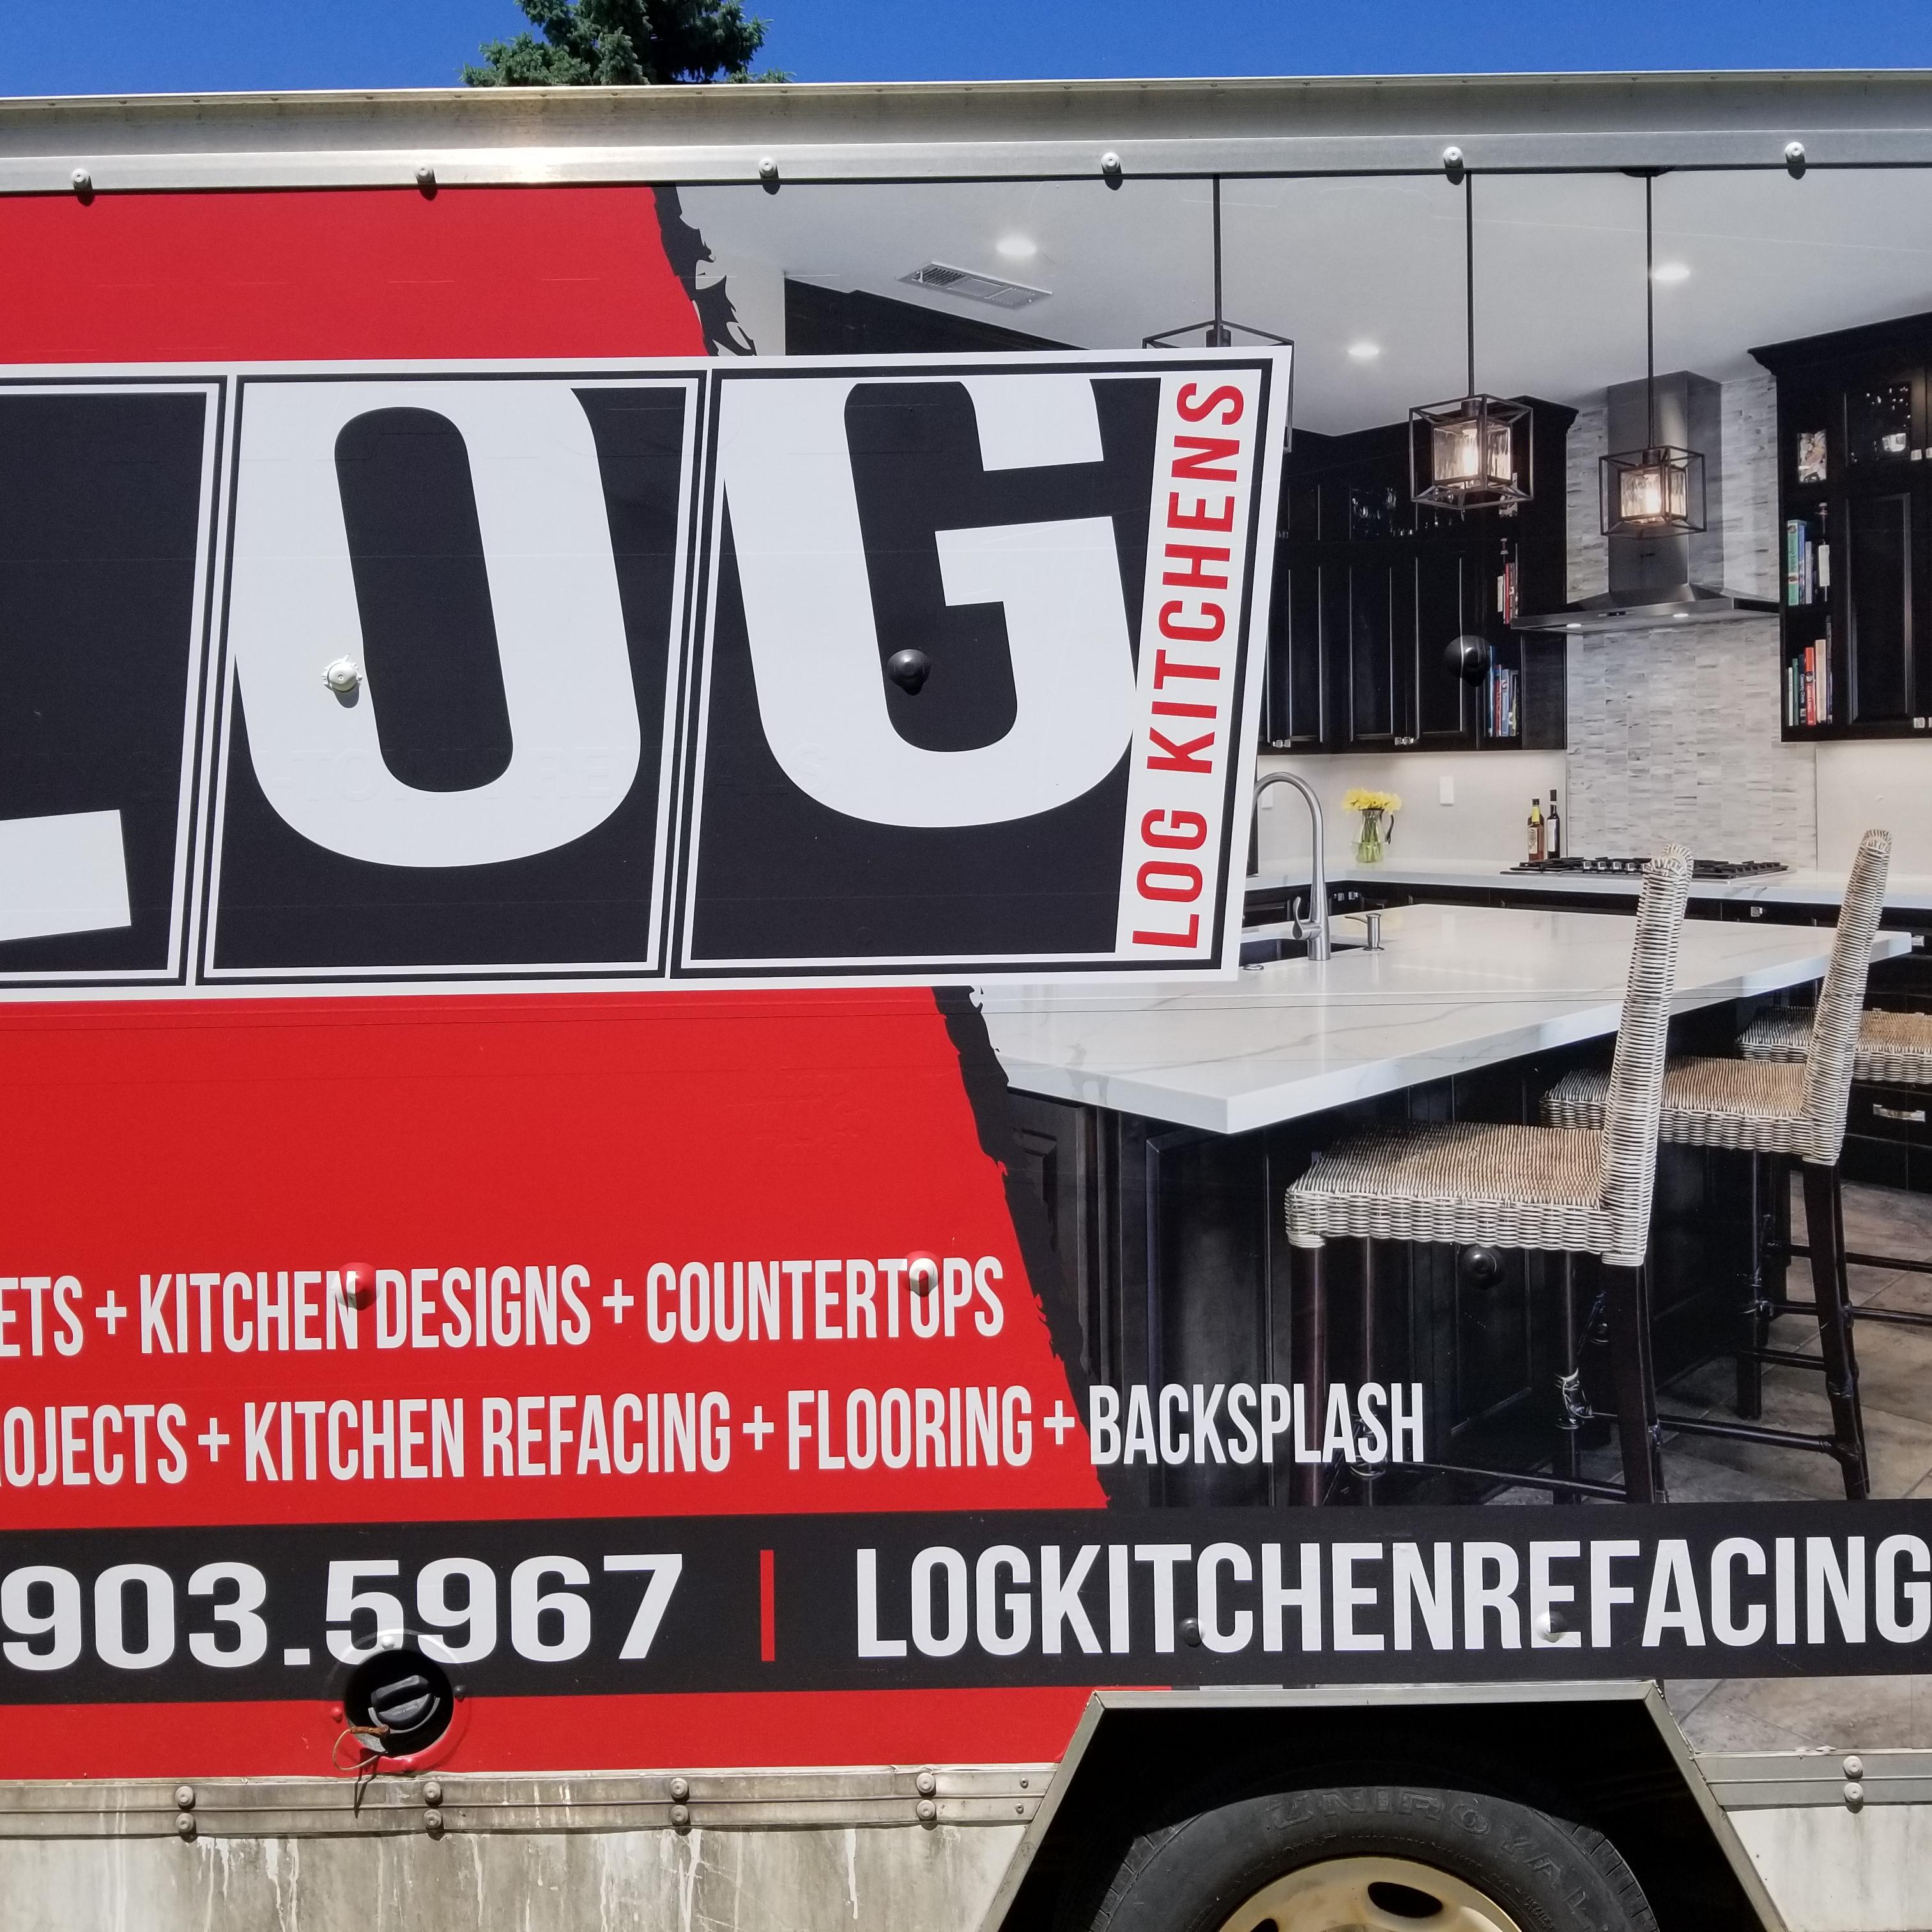 LOG Kitchens